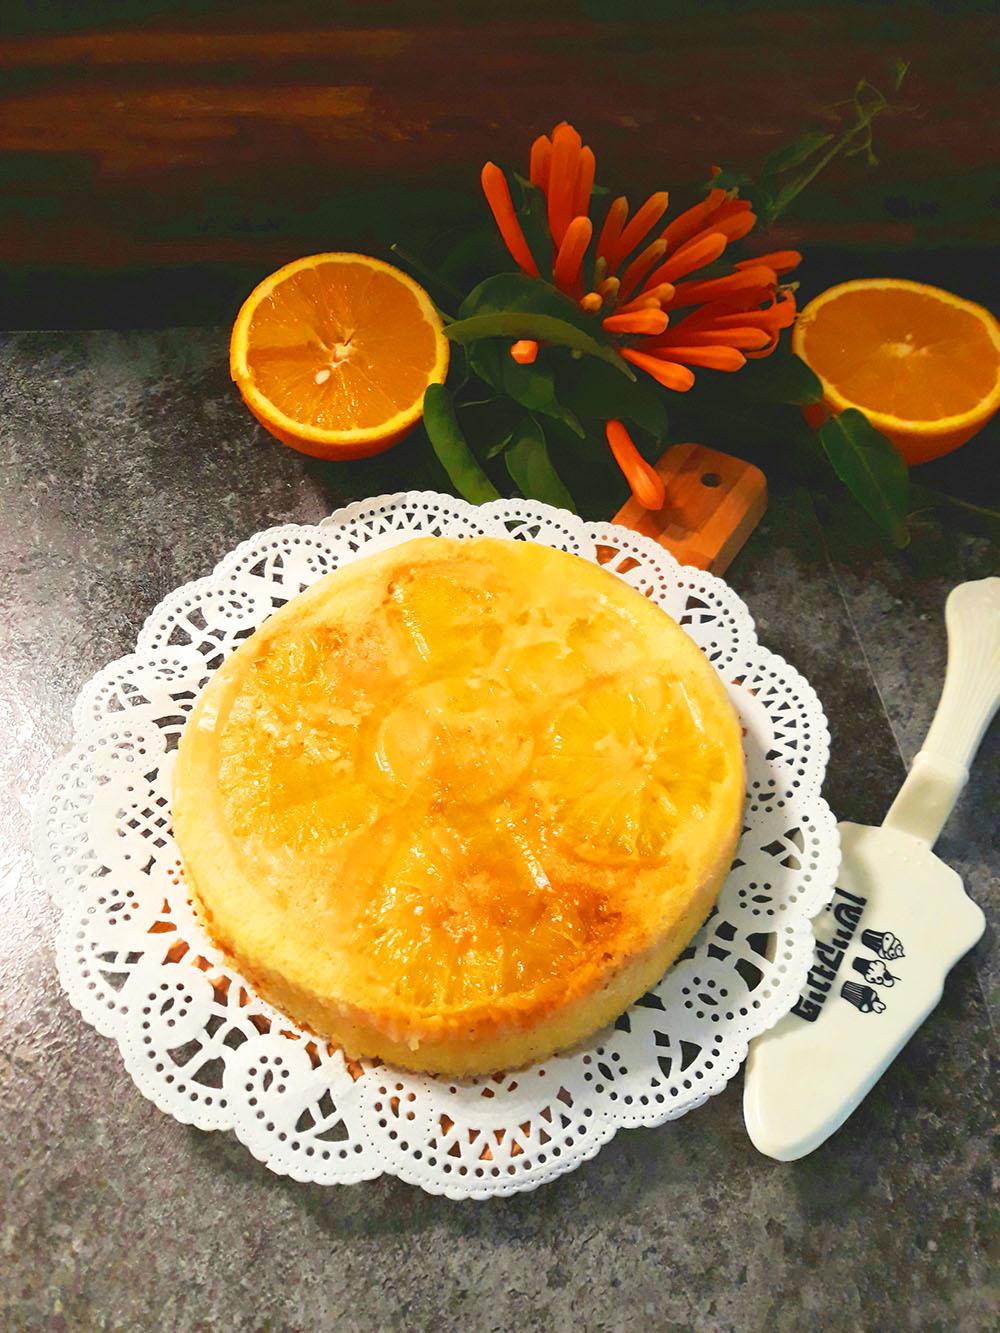 20200406 145820 - עוגת טורט תפוזים